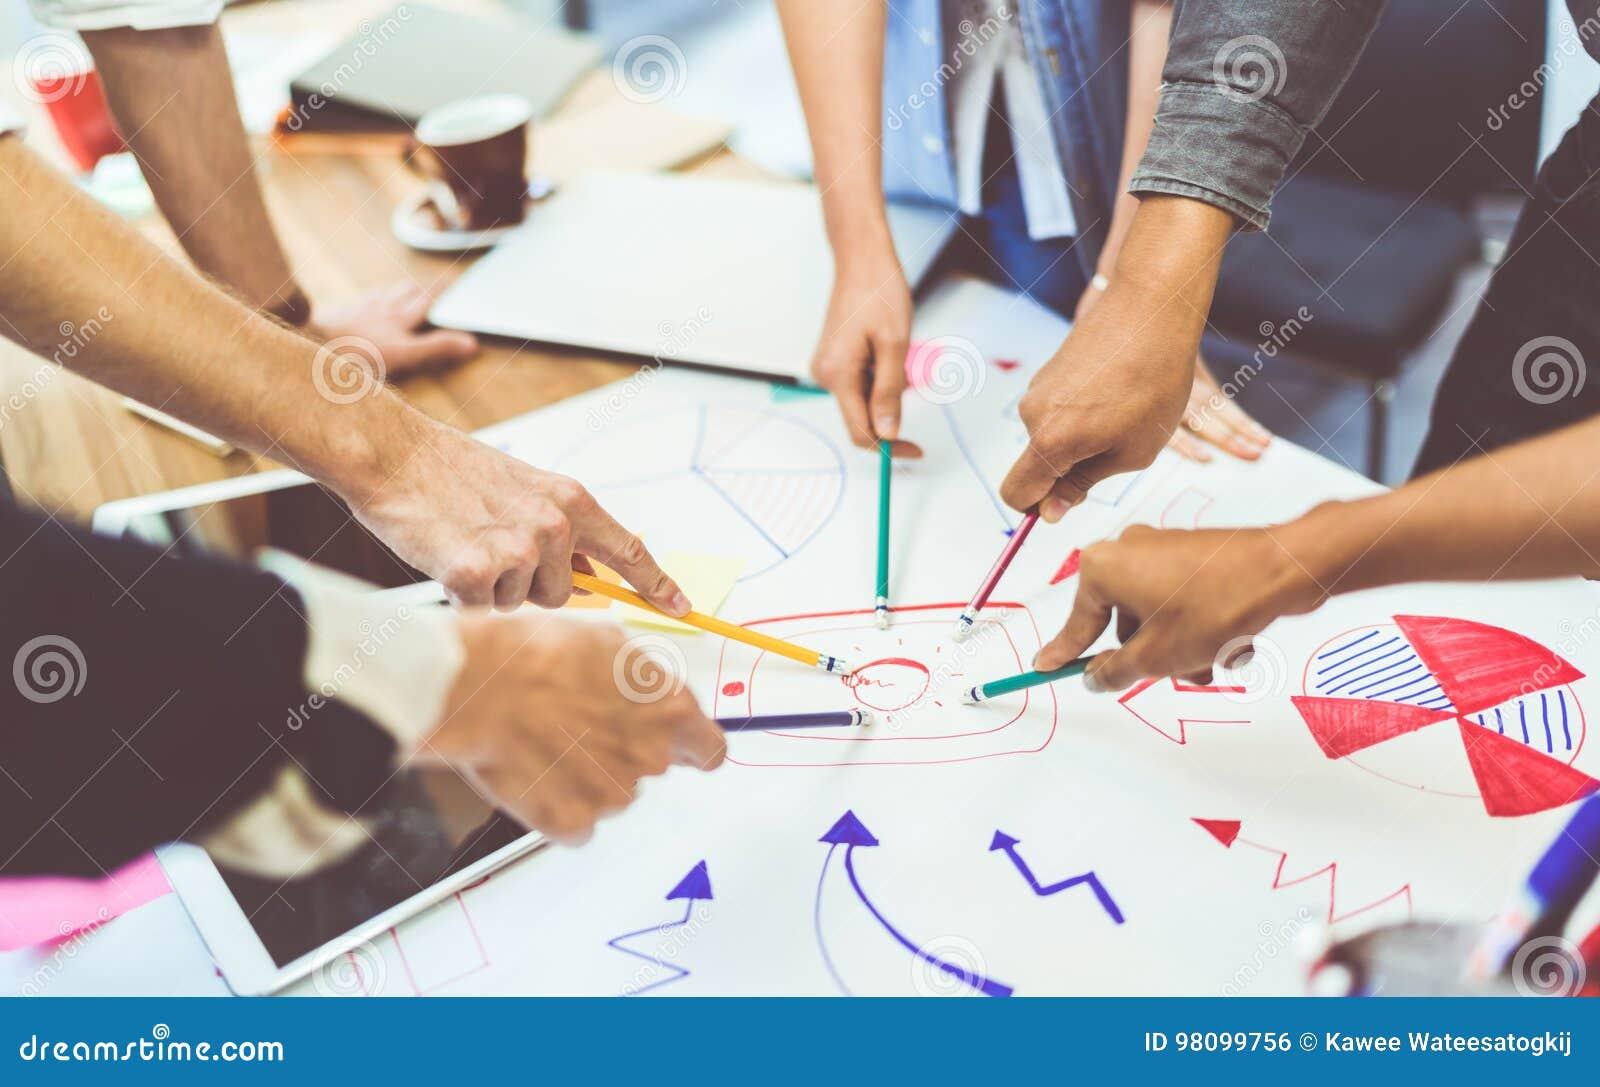 Idérikt idéteamworkbegrepp Grupp av multietniskt olikt lag, affärspartner eller högskolestudenter i projektmöte